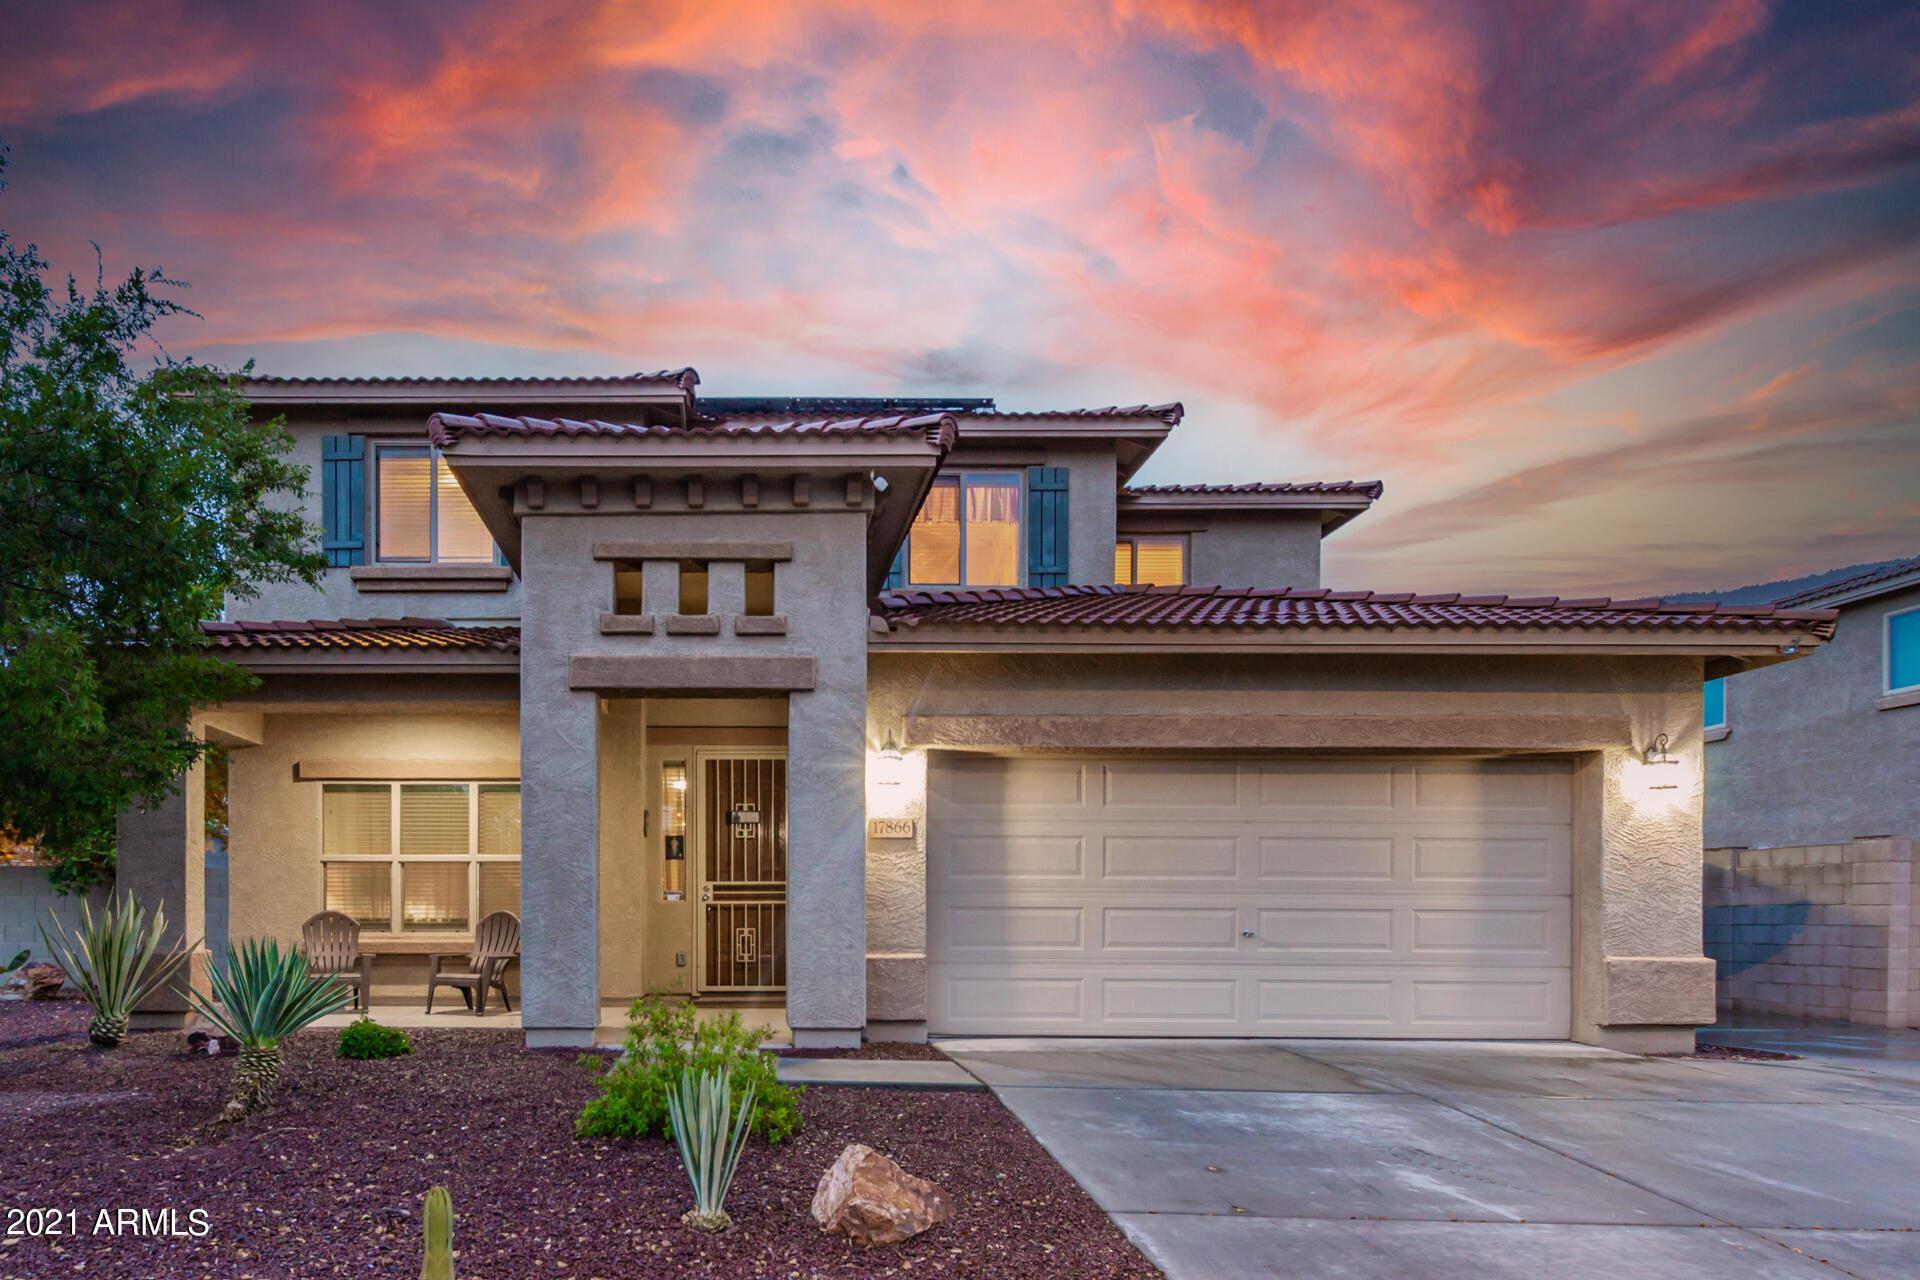 17866 W DESERT Lane, Surprise, AZ 85388 - MLS#: 6285541